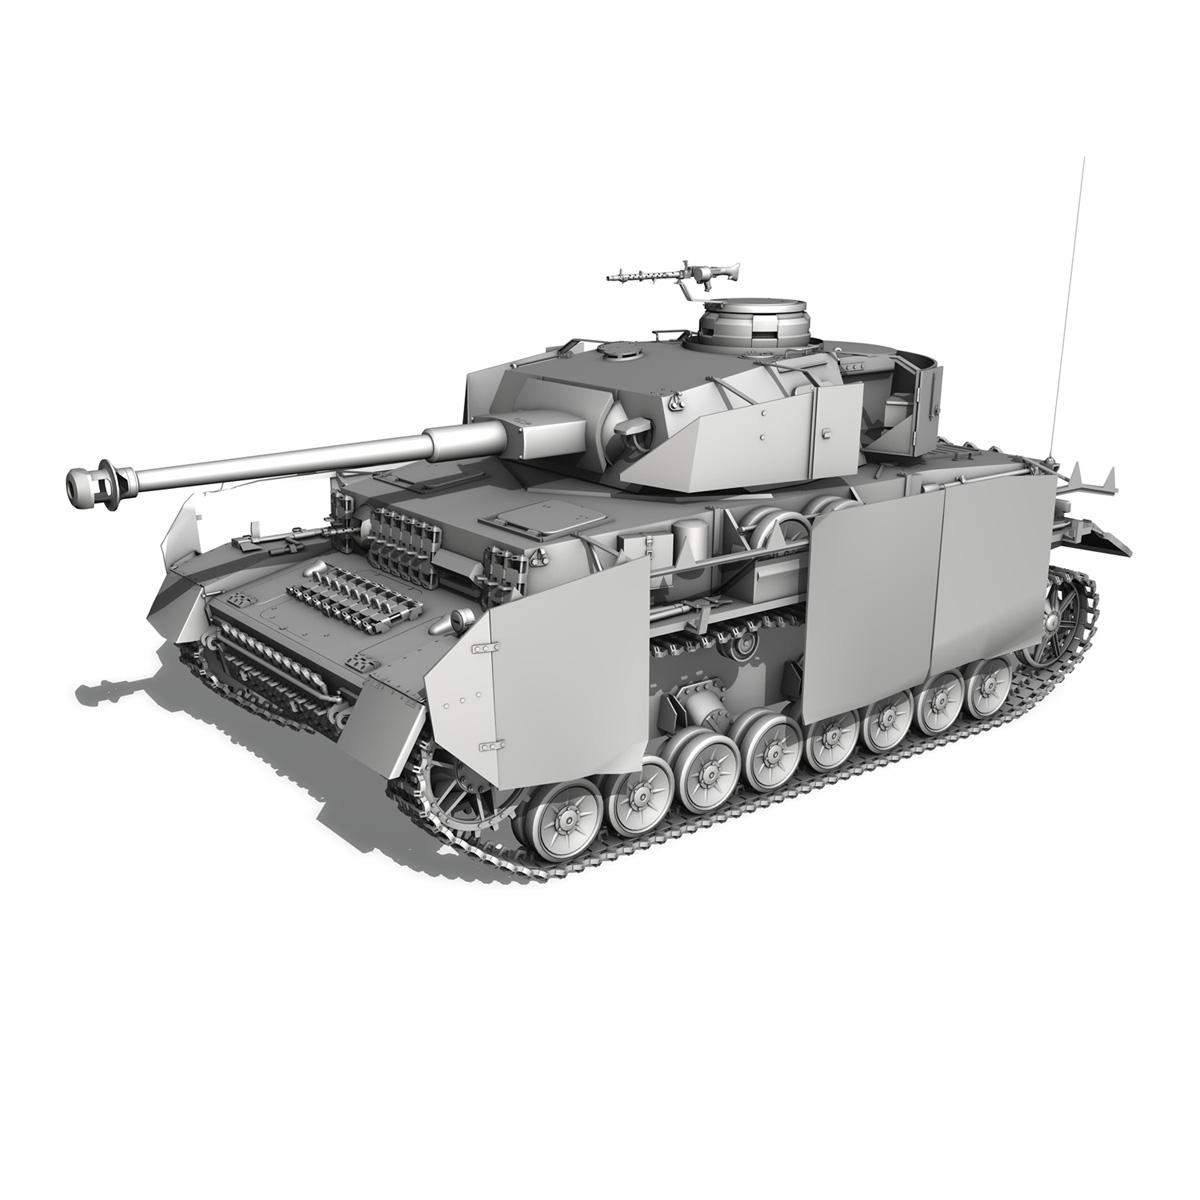 sd.kfz 161 pzkpfw iv panzer 4 ausf.h late 3d model 3ds fbx c4d lwo obj 190340